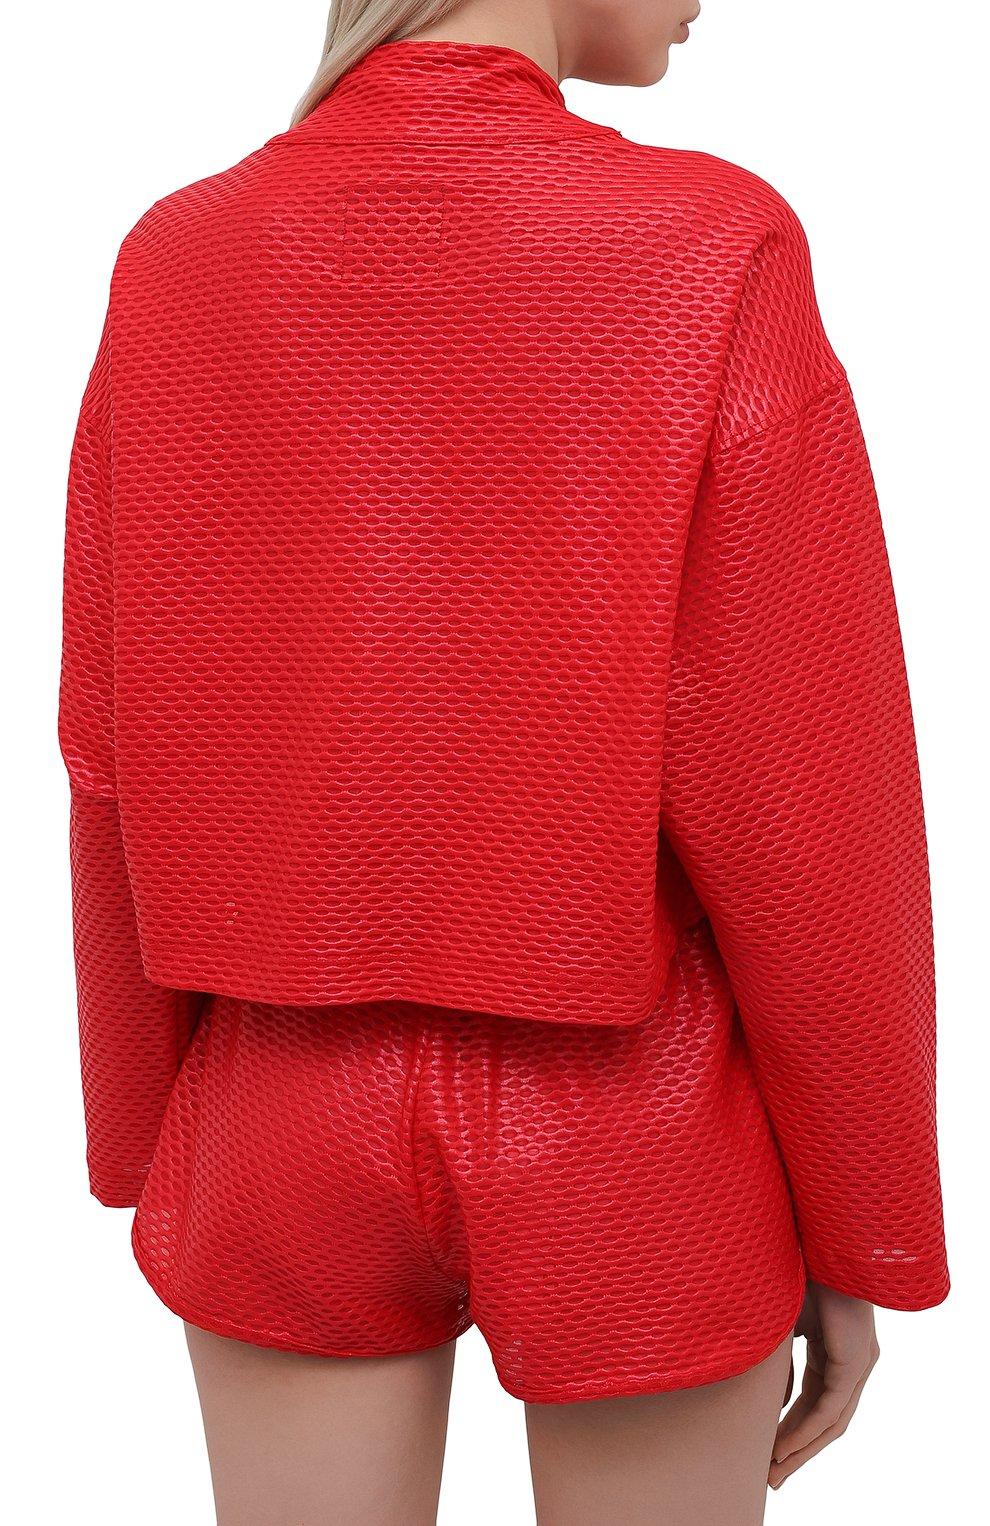 Женская анорак KORAL красного цвета, арт. A6477K09 | Фото 4 (Кросс-КТ: Куртка; Рукава: Длинные; Материал внешний: Синтетический материал; Стили: Спорт-шик; Длина (верхняя одежда): Короткие)